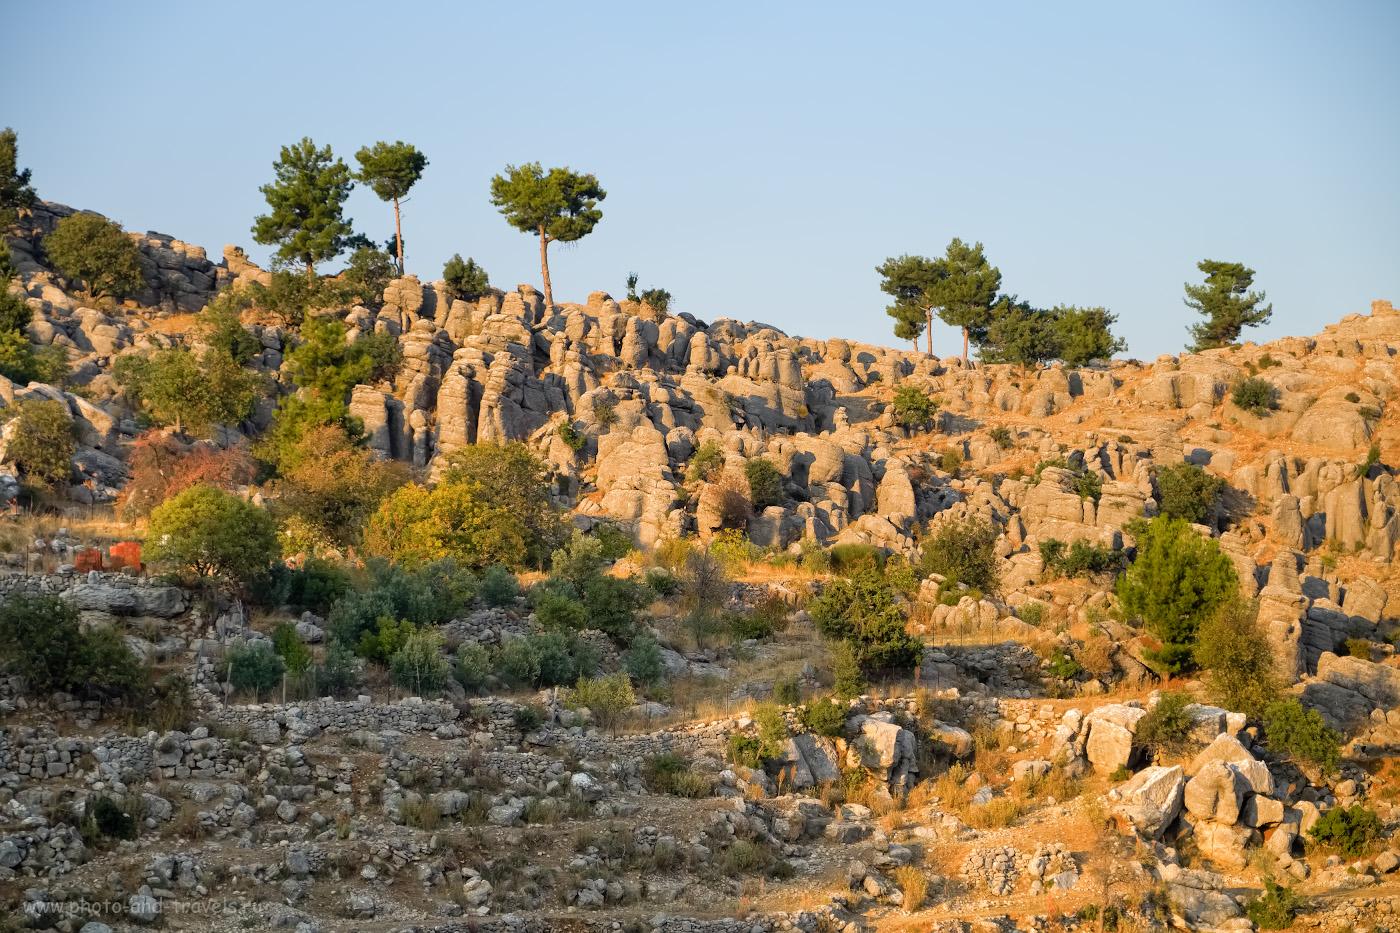 13. Каменные столбы. Наверное, это - начало местности под названием «Адам Каялар» (AdamKayalar). 1/1700, 2.8, 200, -0.33, 54.